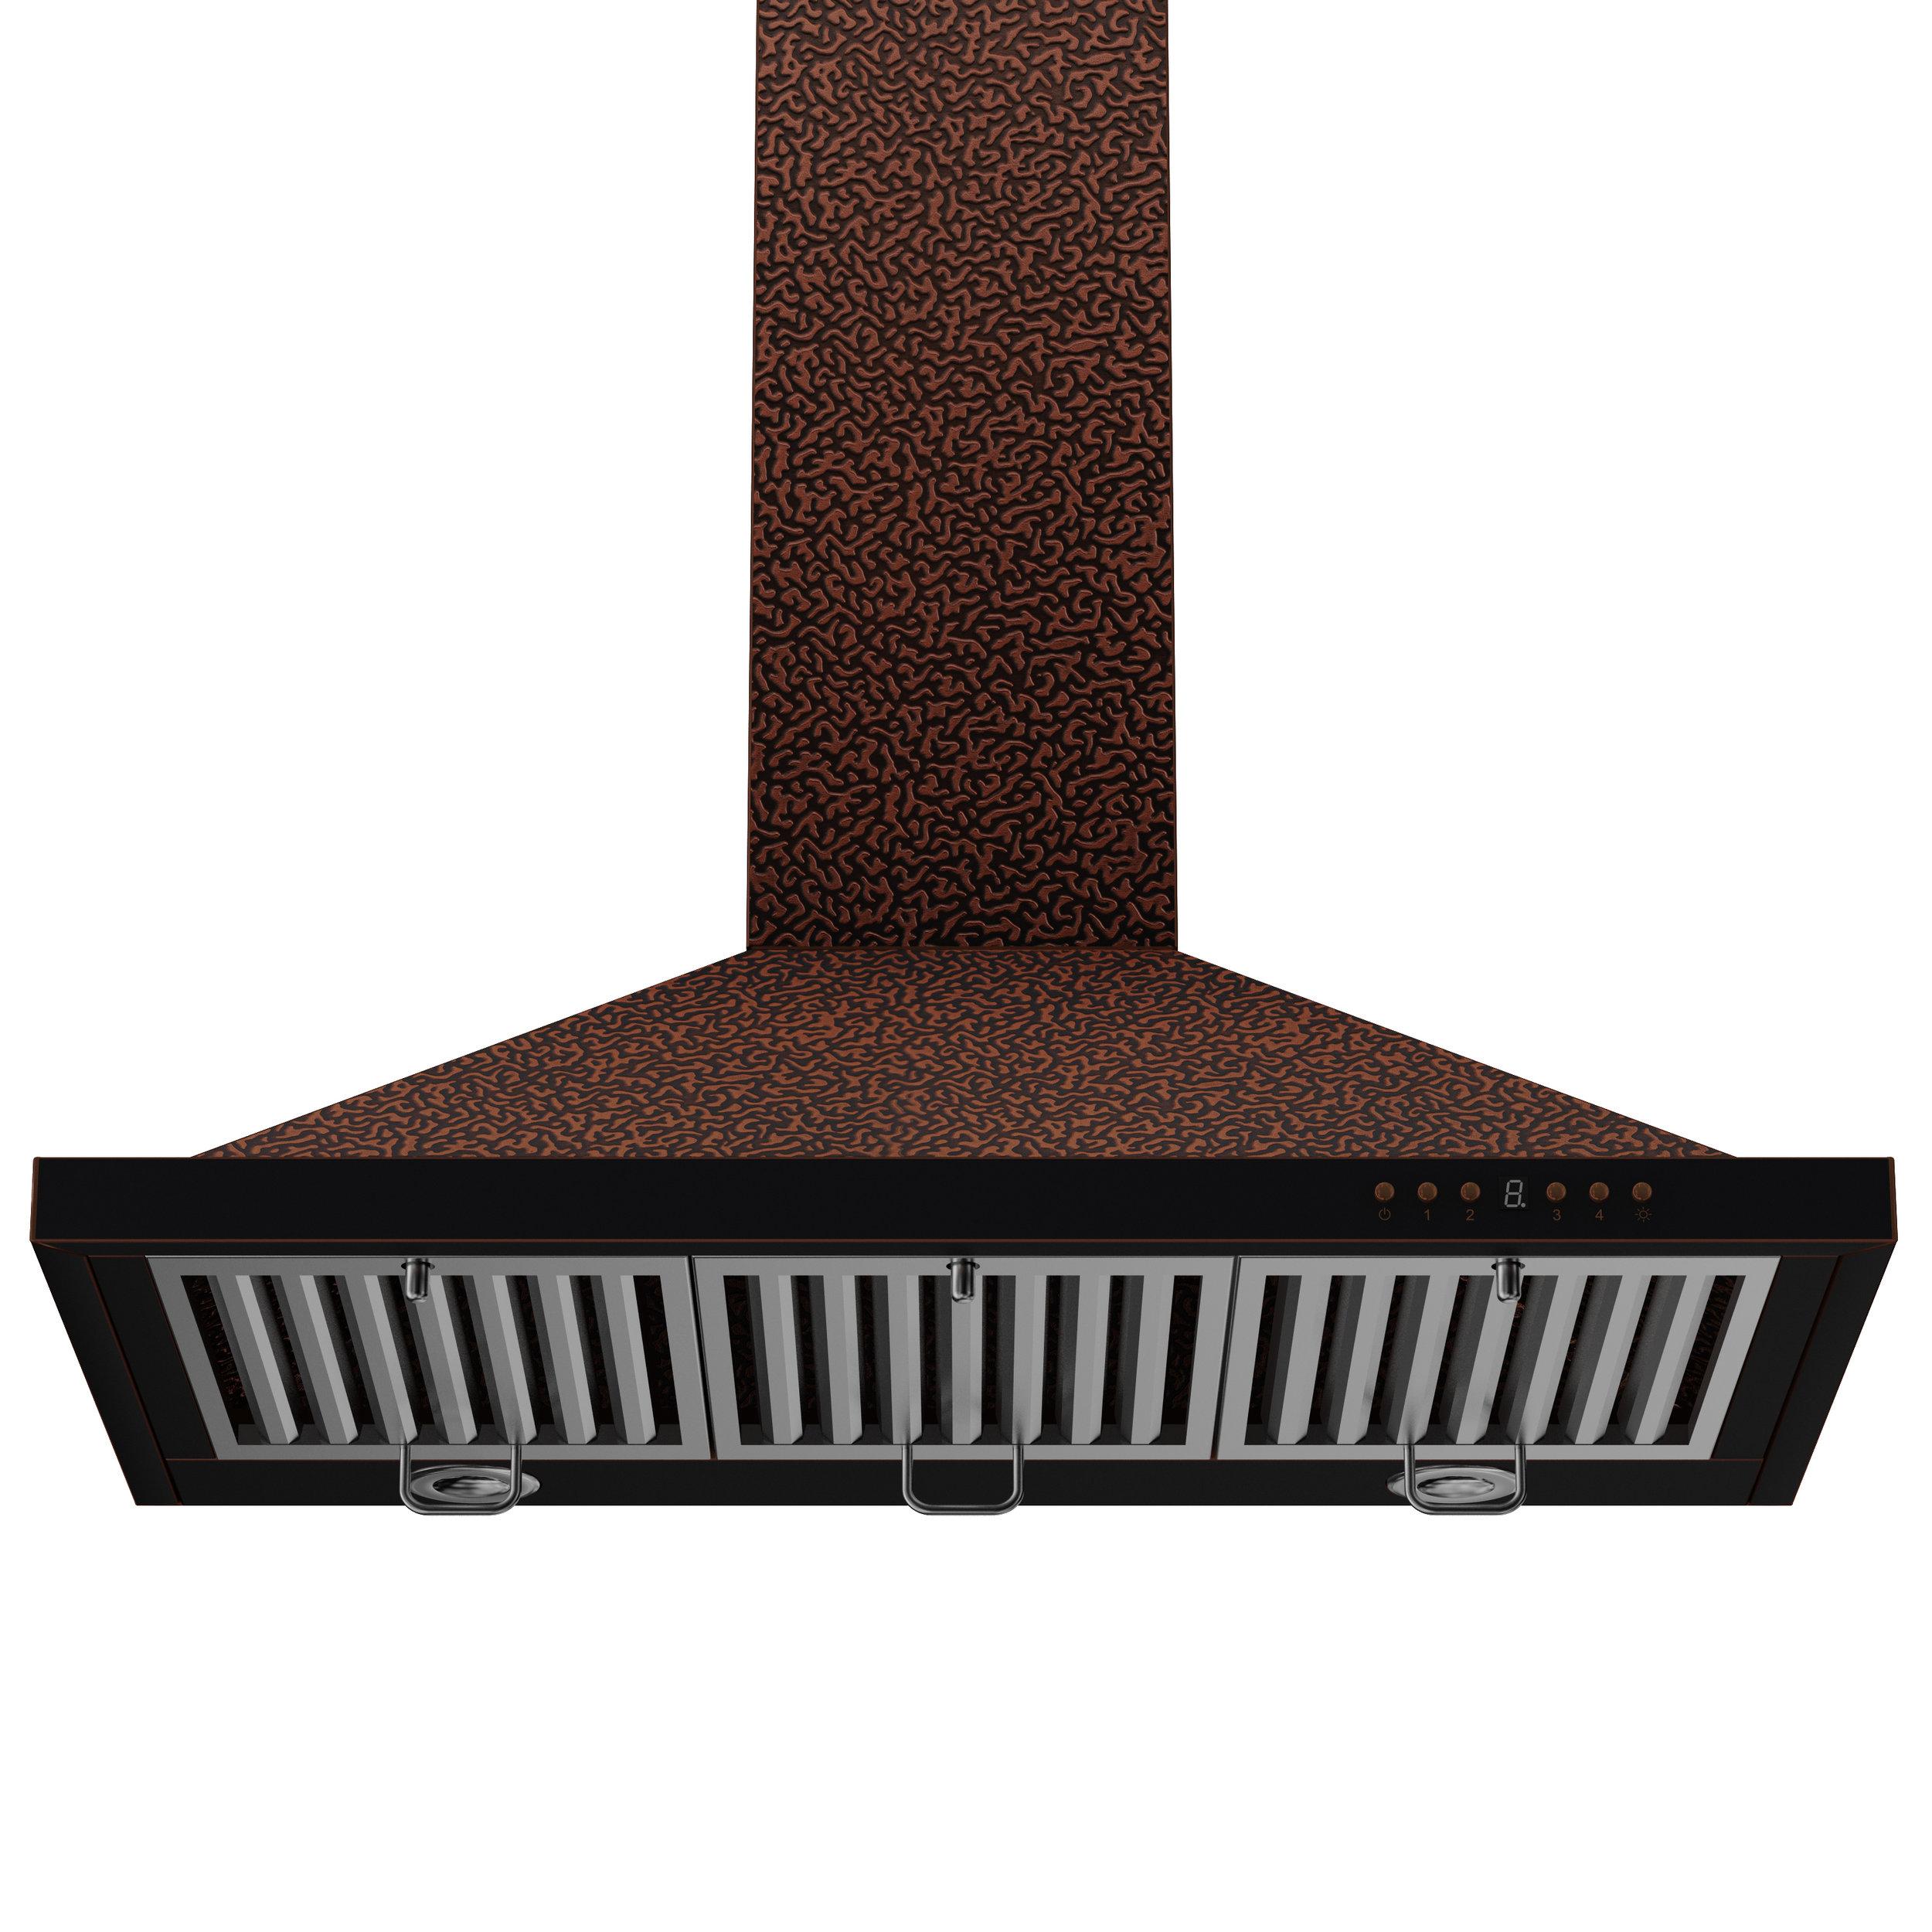 zline-copper-wall-mounted-range-hood-8KBE-underneath.jpg